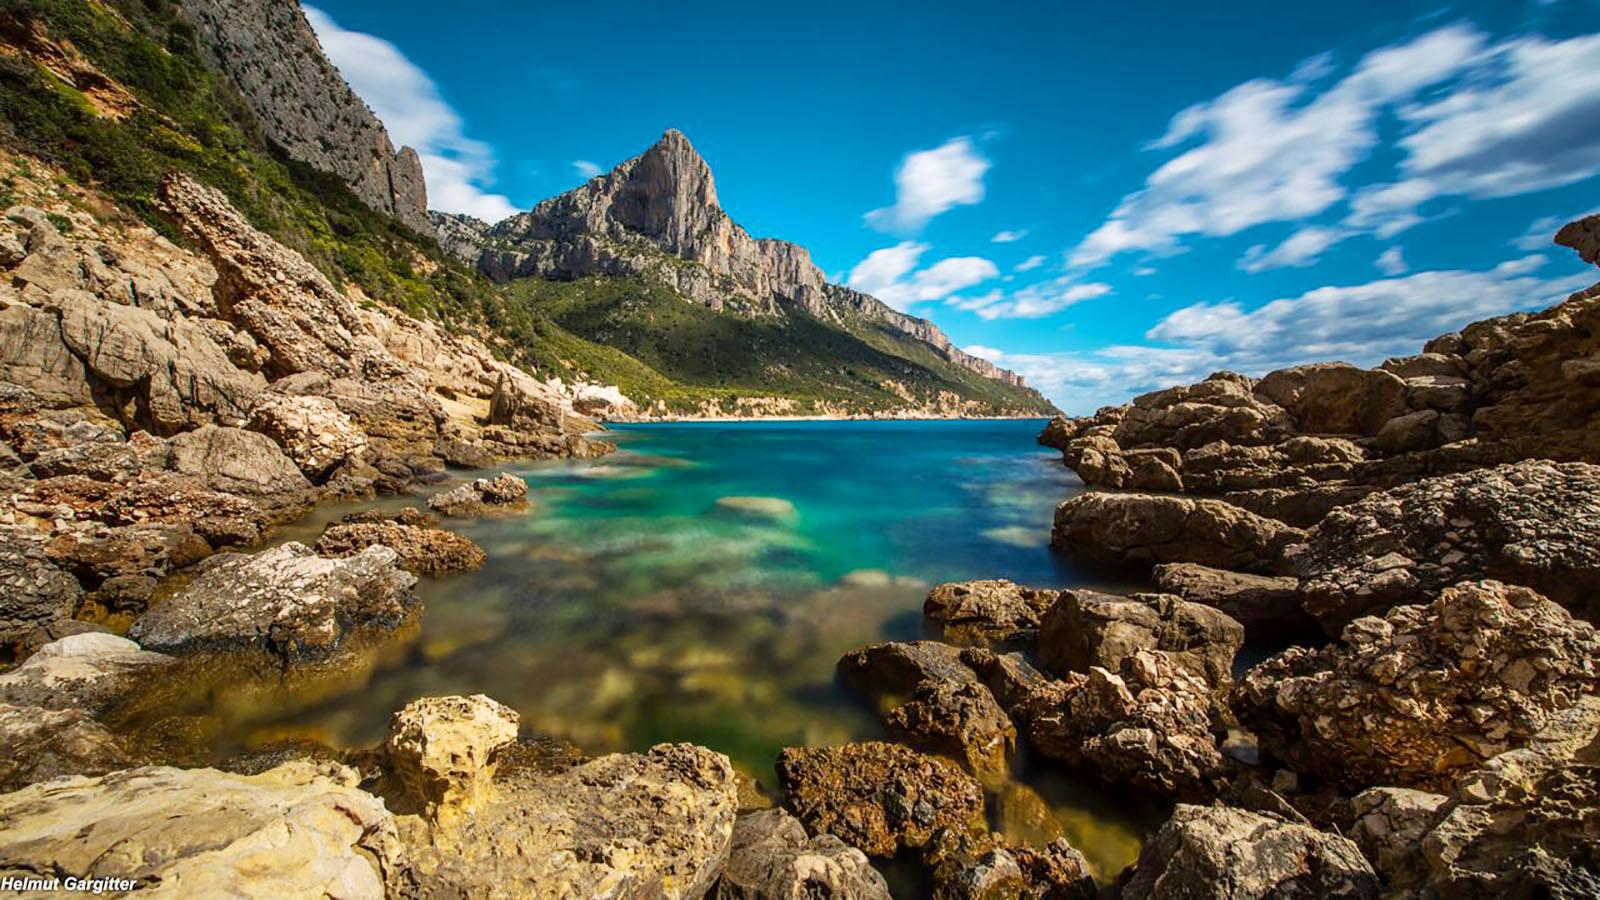 Sardinien - Reif für die Insel | Cycling Adventures